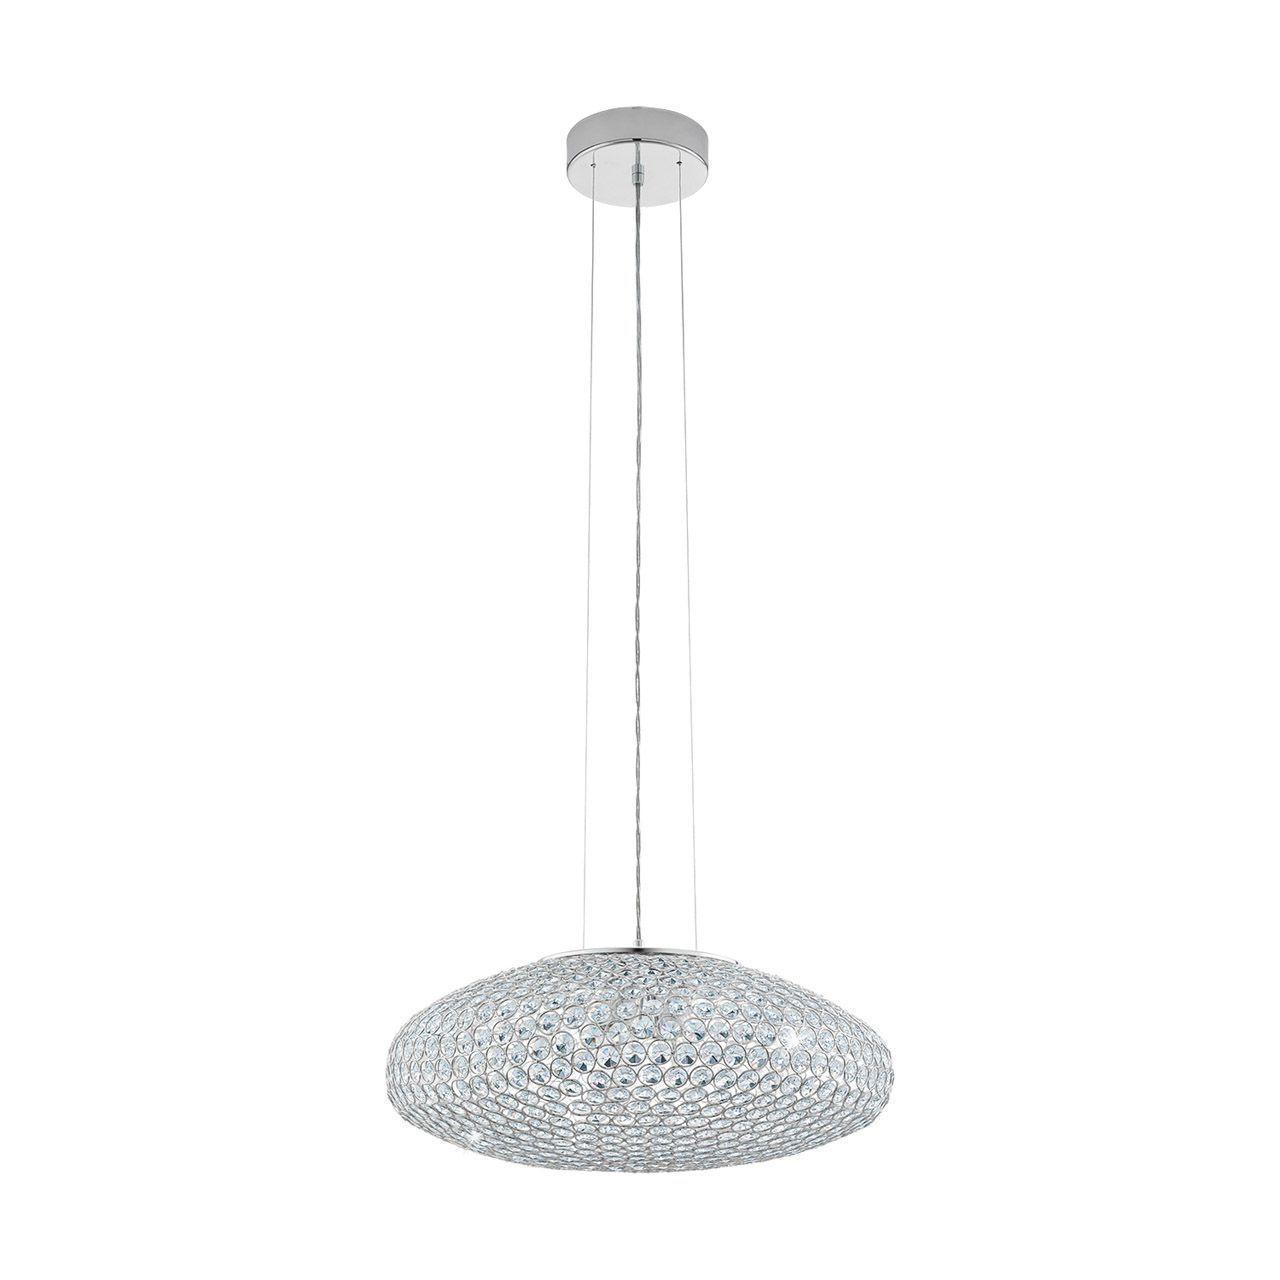 Подвесной светильник Eglo Clemente 95287 eglo подвесной светильник clemente